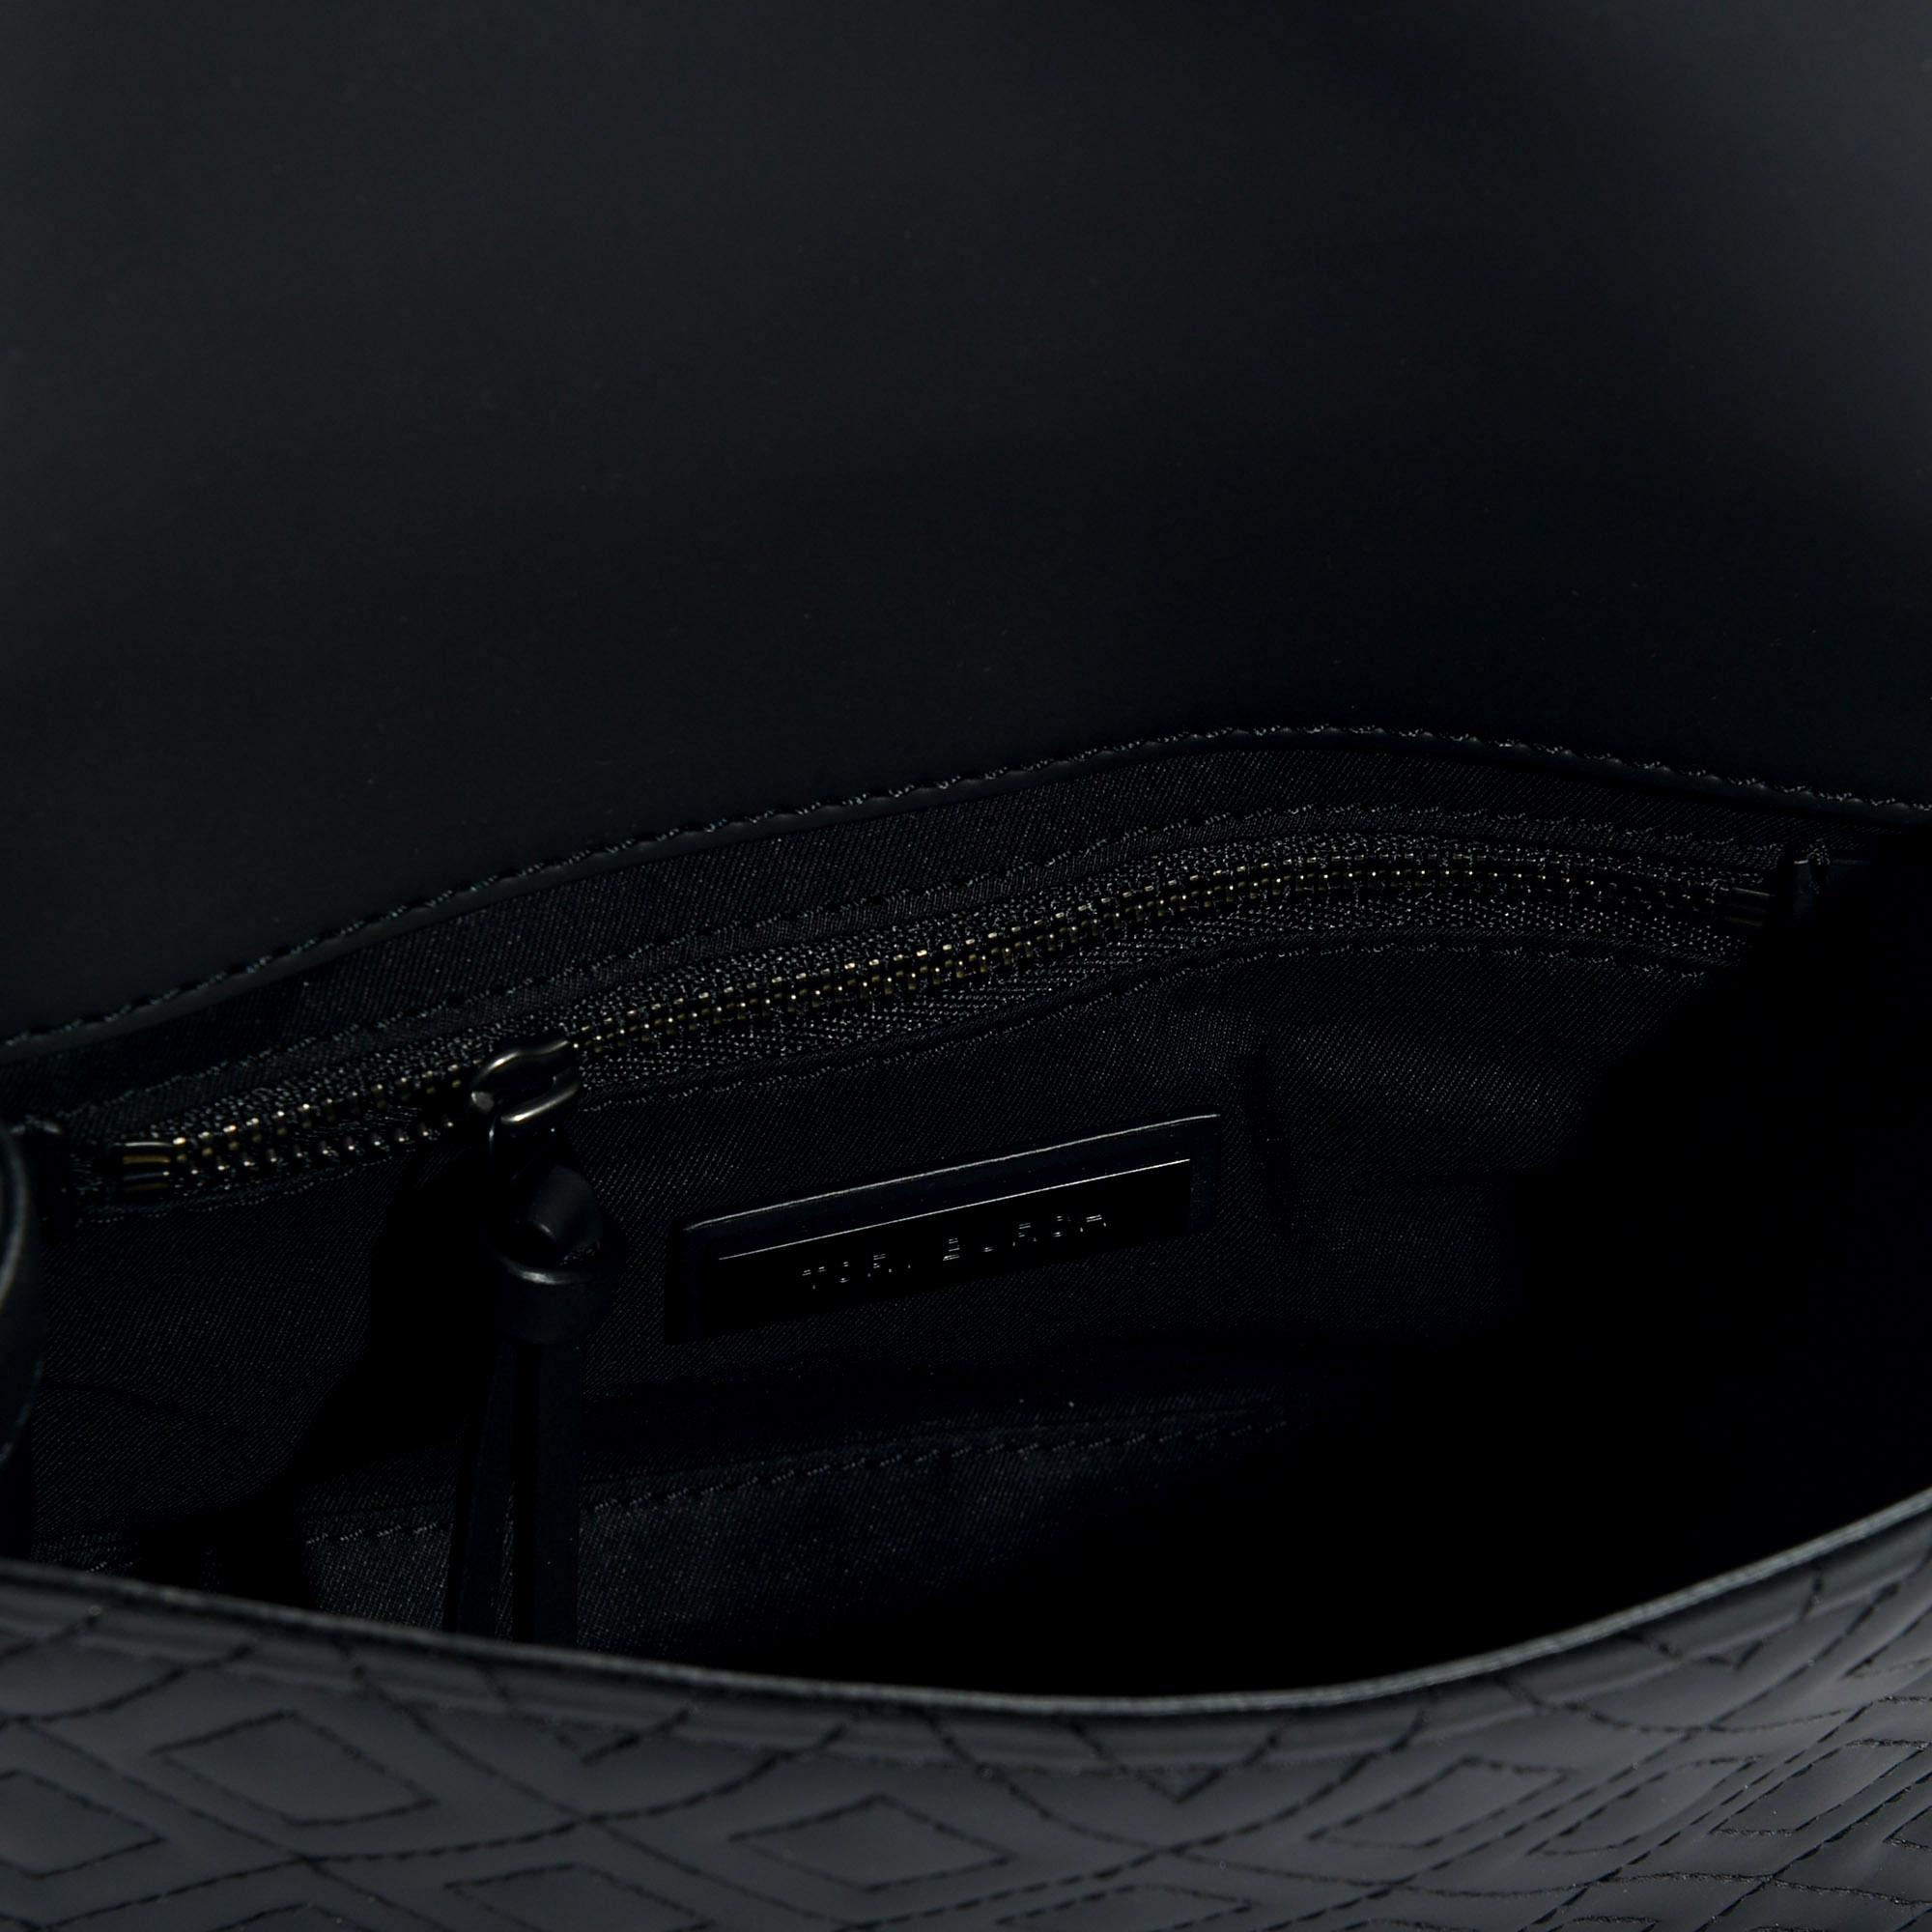 297cc948868e7 Lyst - Petit sac porté epaule fleming matte convertible en cuir ...